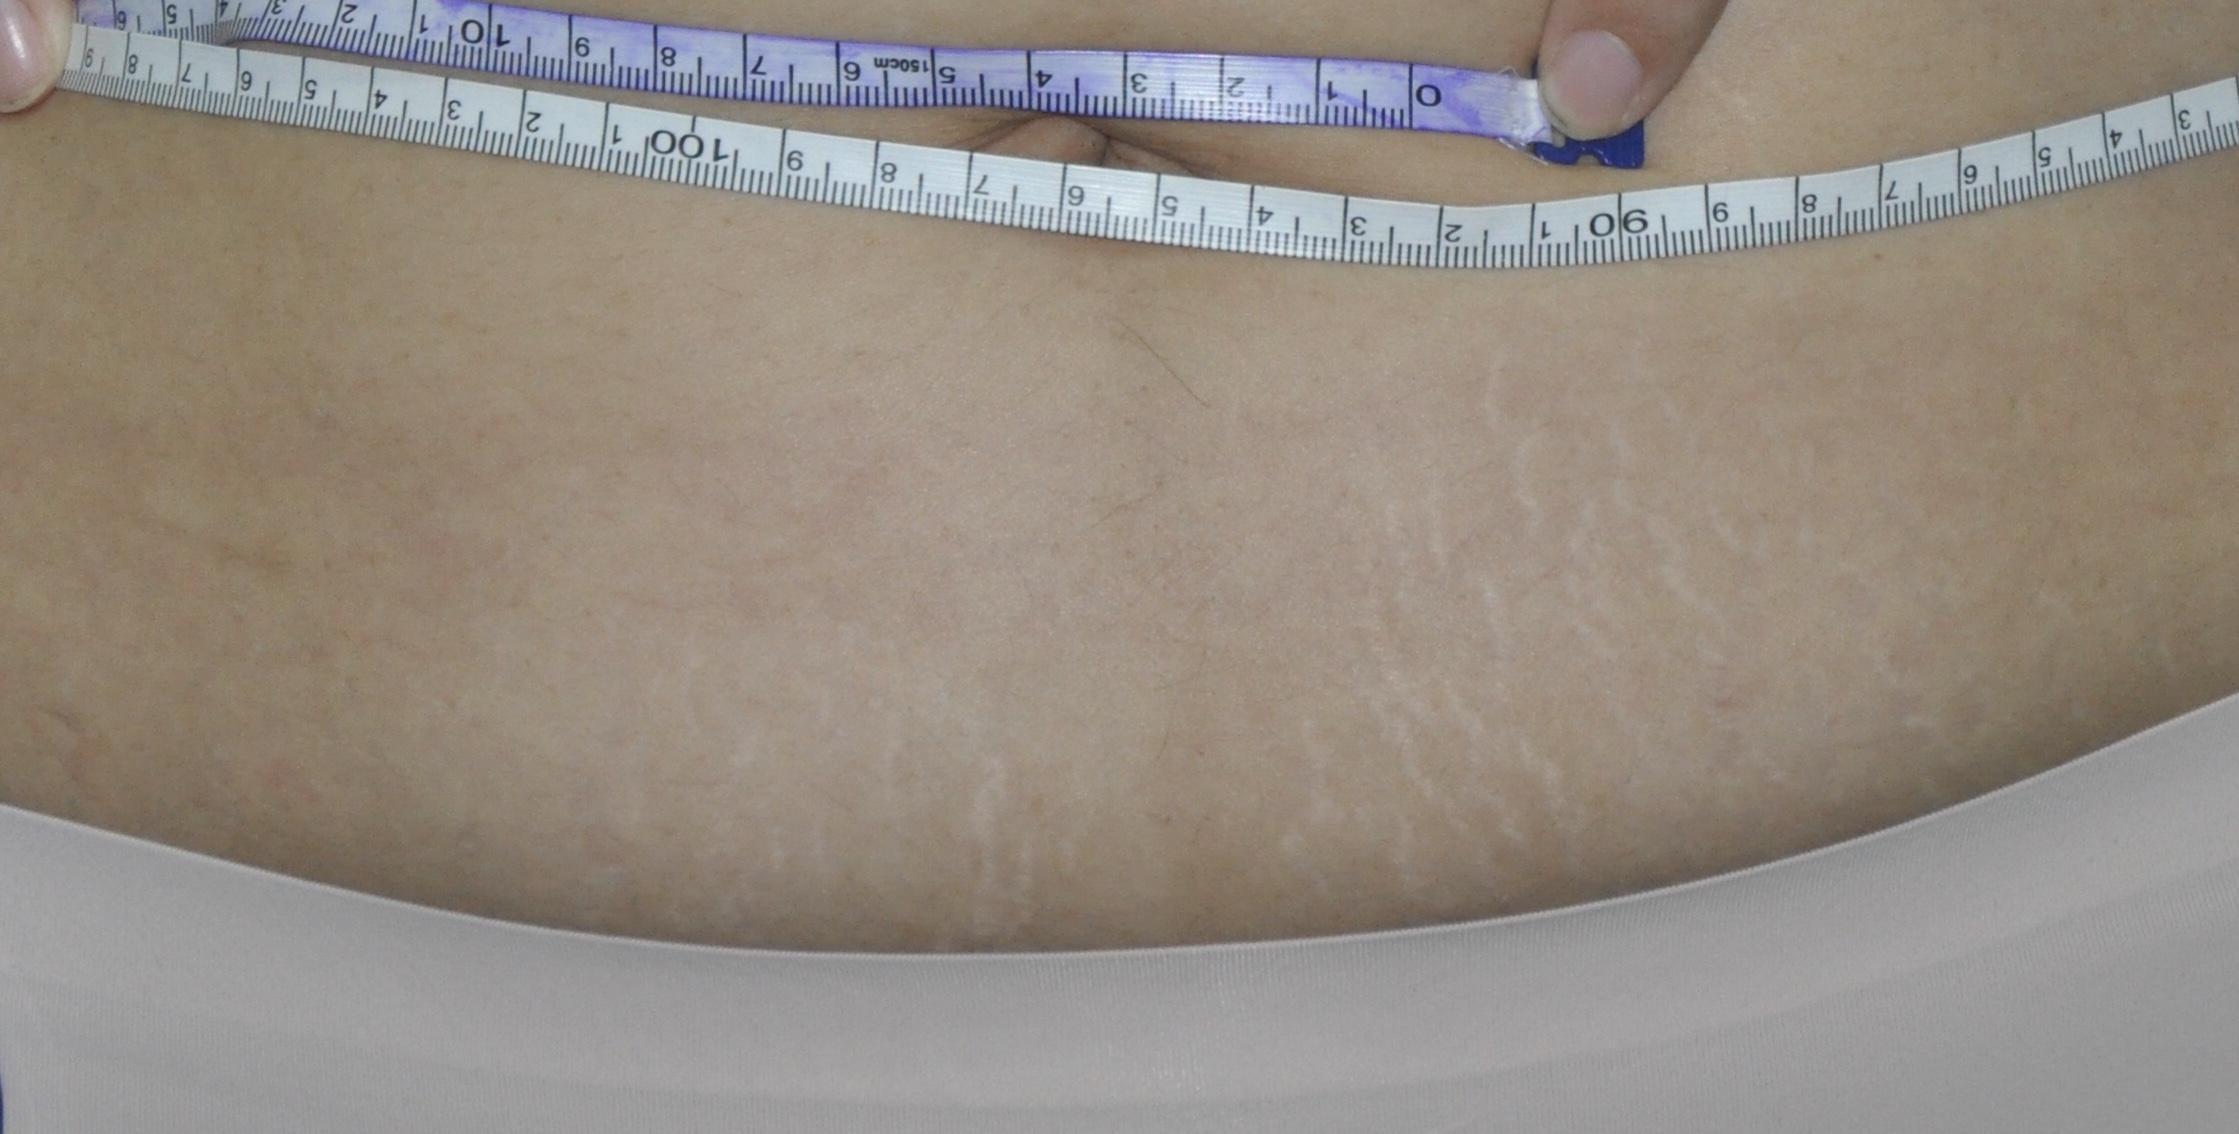 肥胖纹和萎缩纹_令人烦恼的妊娠纹 - 知乎